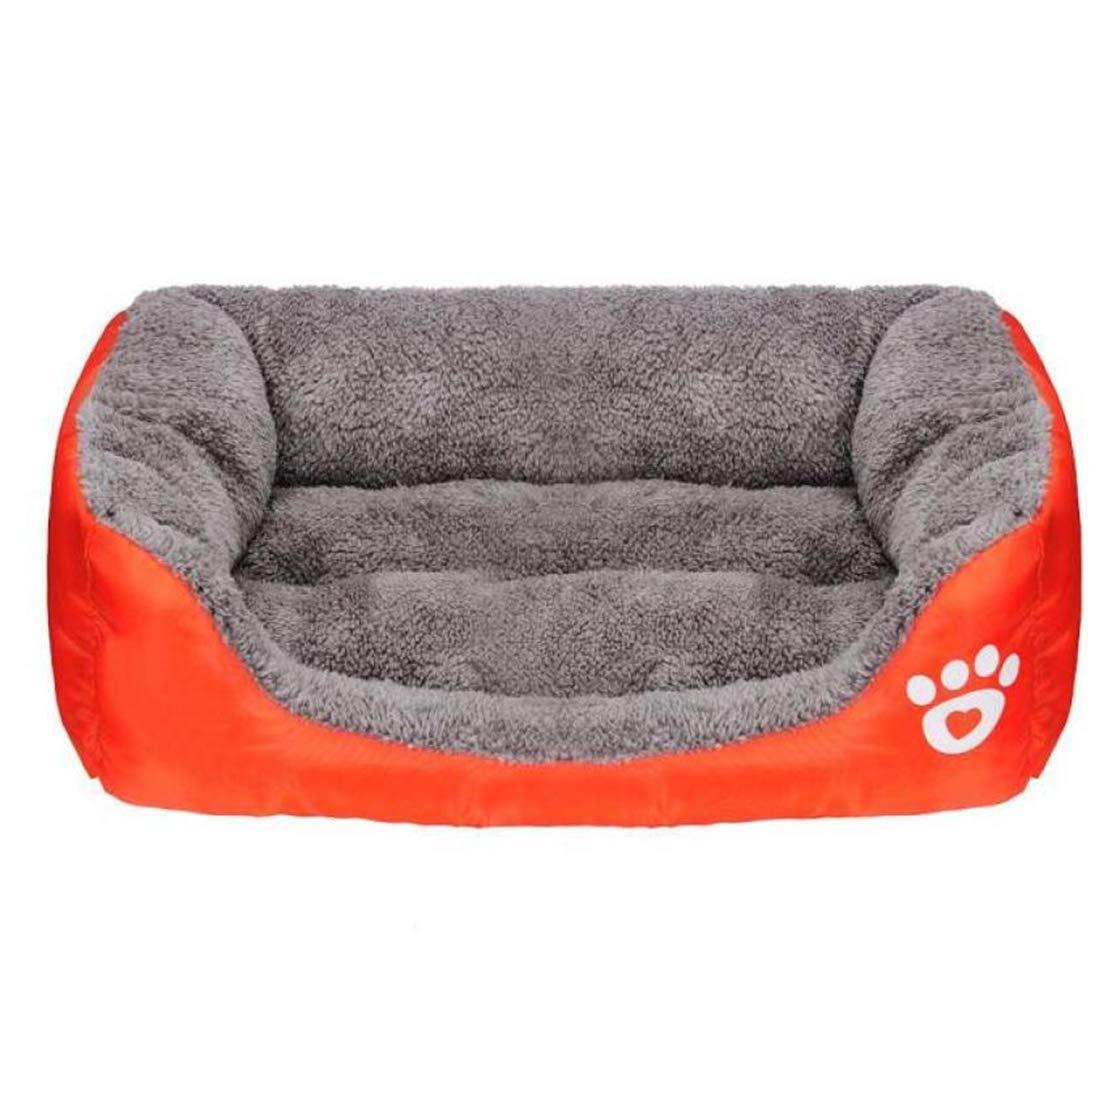 I S I S AVITMOS Dog Bed Autumn Winter Warm Kennel Large Pet Dog Bed Cushion Mat Blanket Washable House